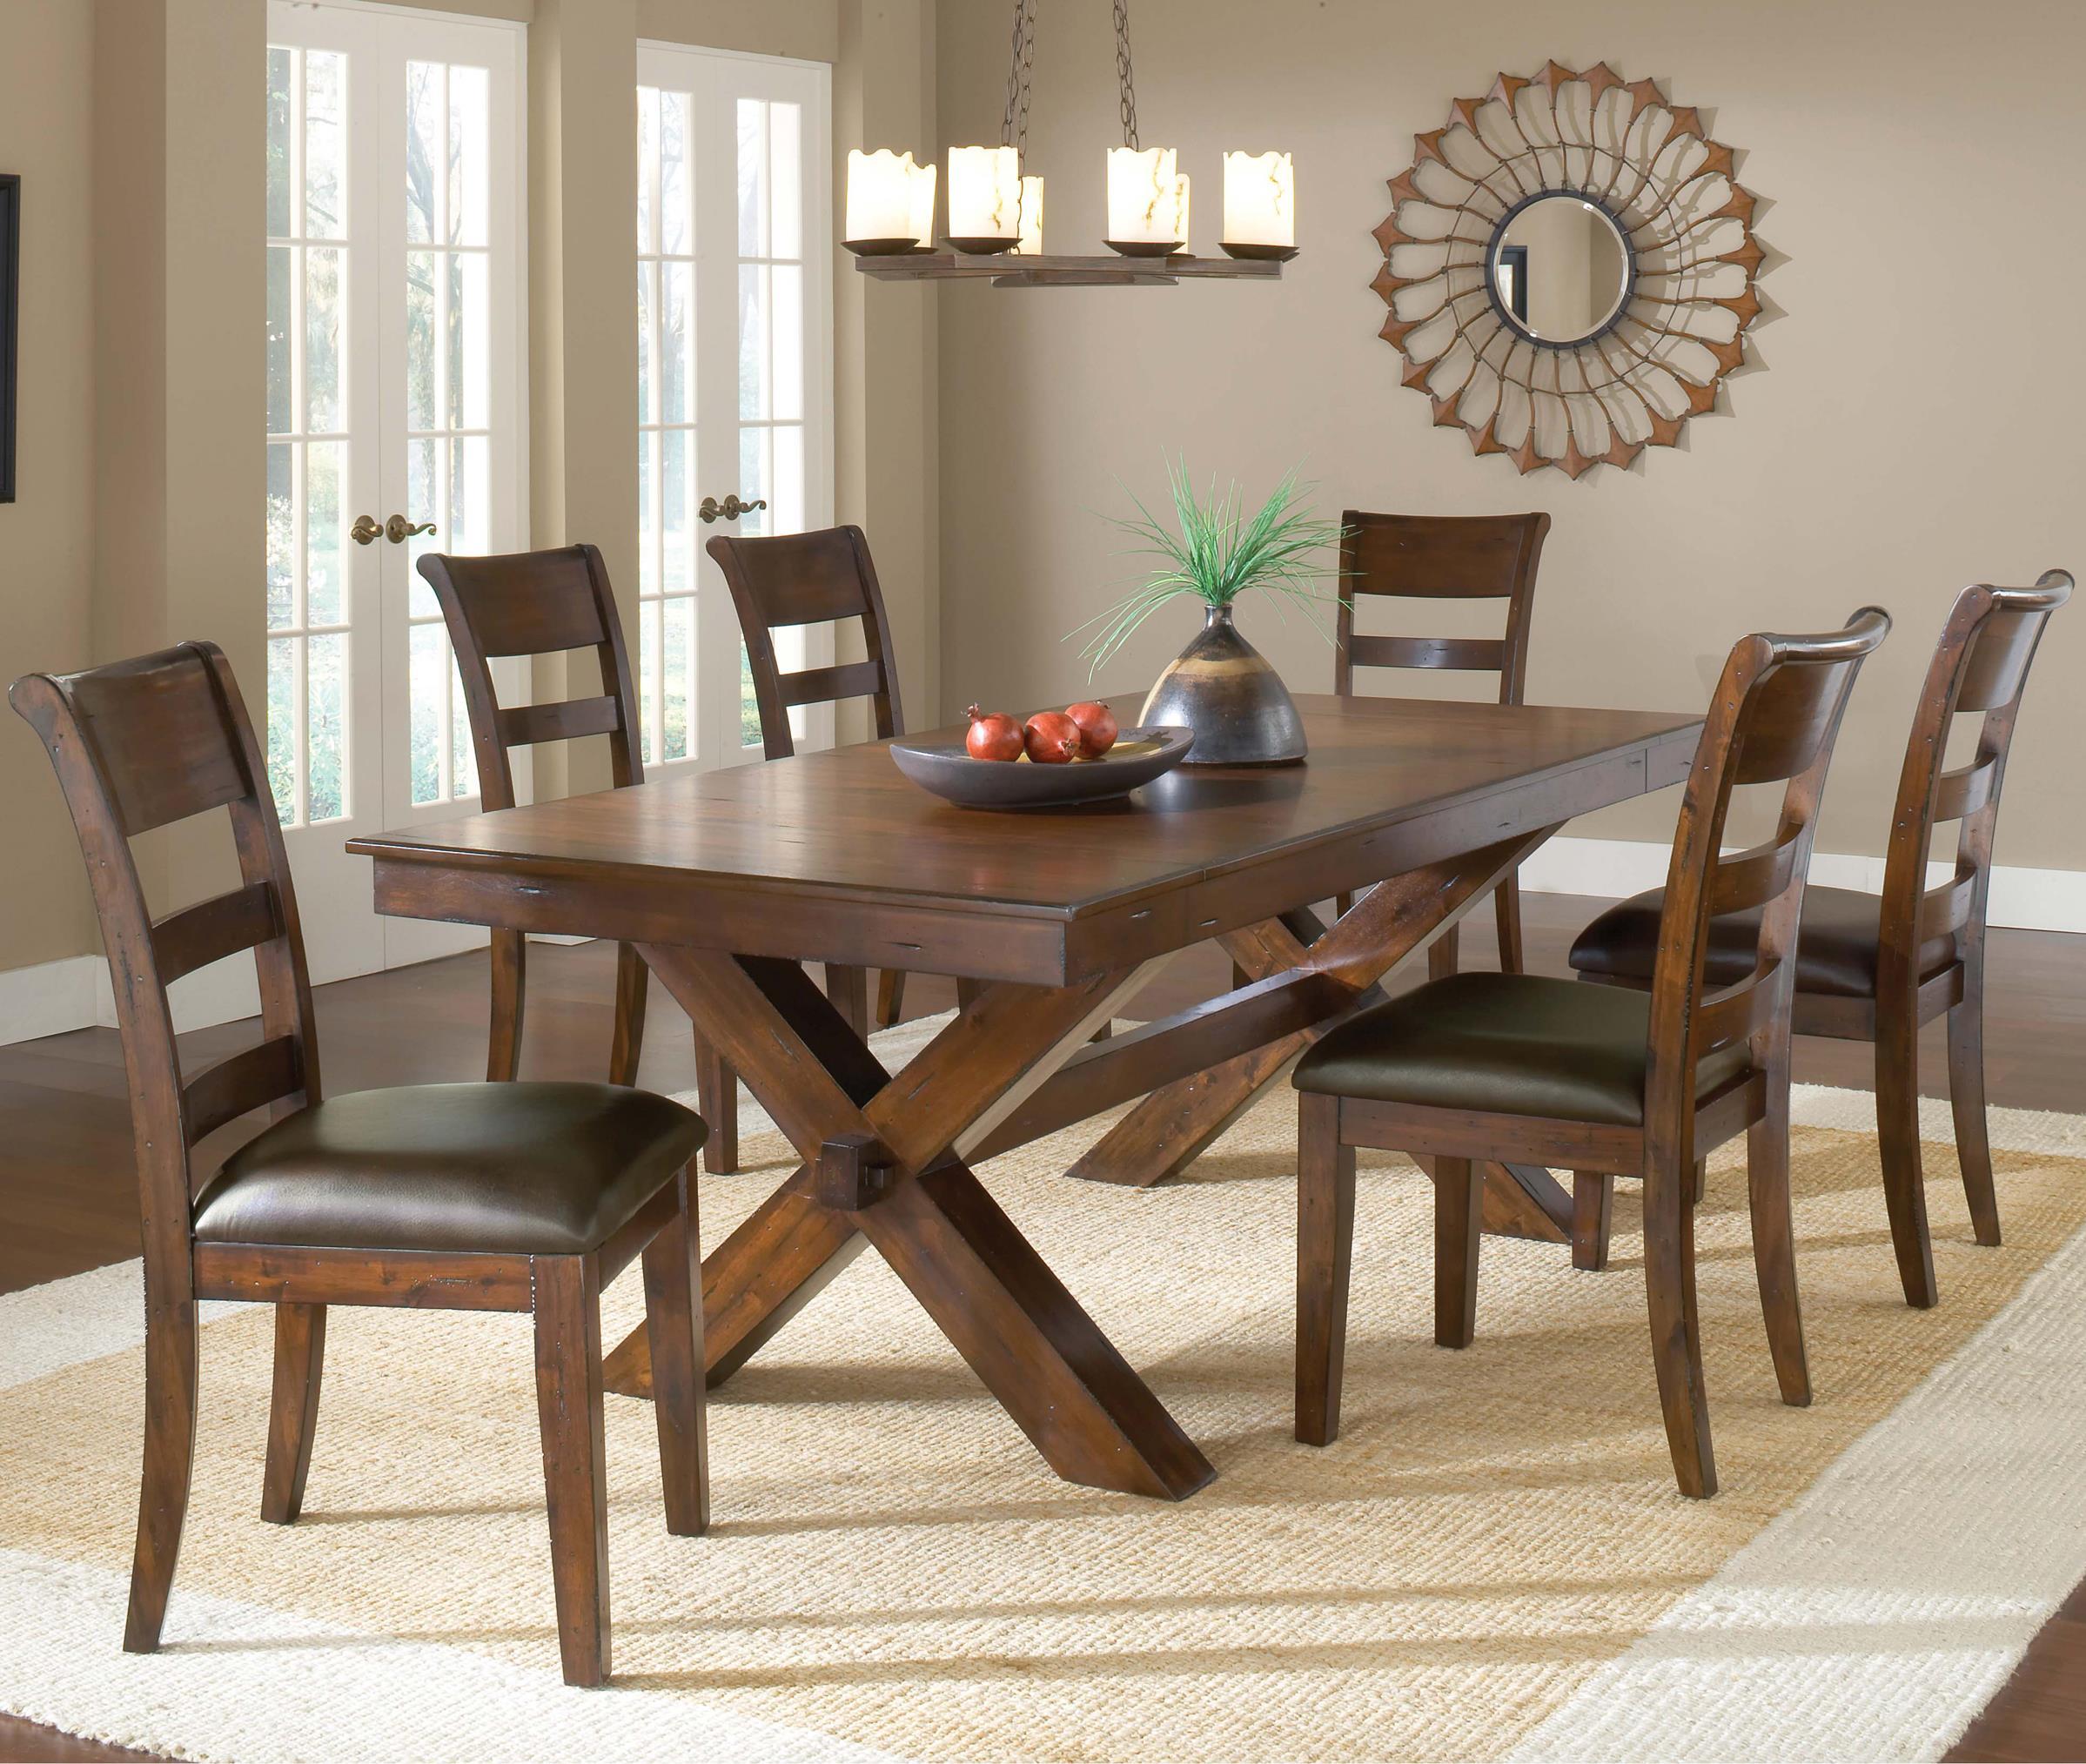 Hillsdale Park Avenue 7 Piece Dining Set - Item Number: 4692DTBC7